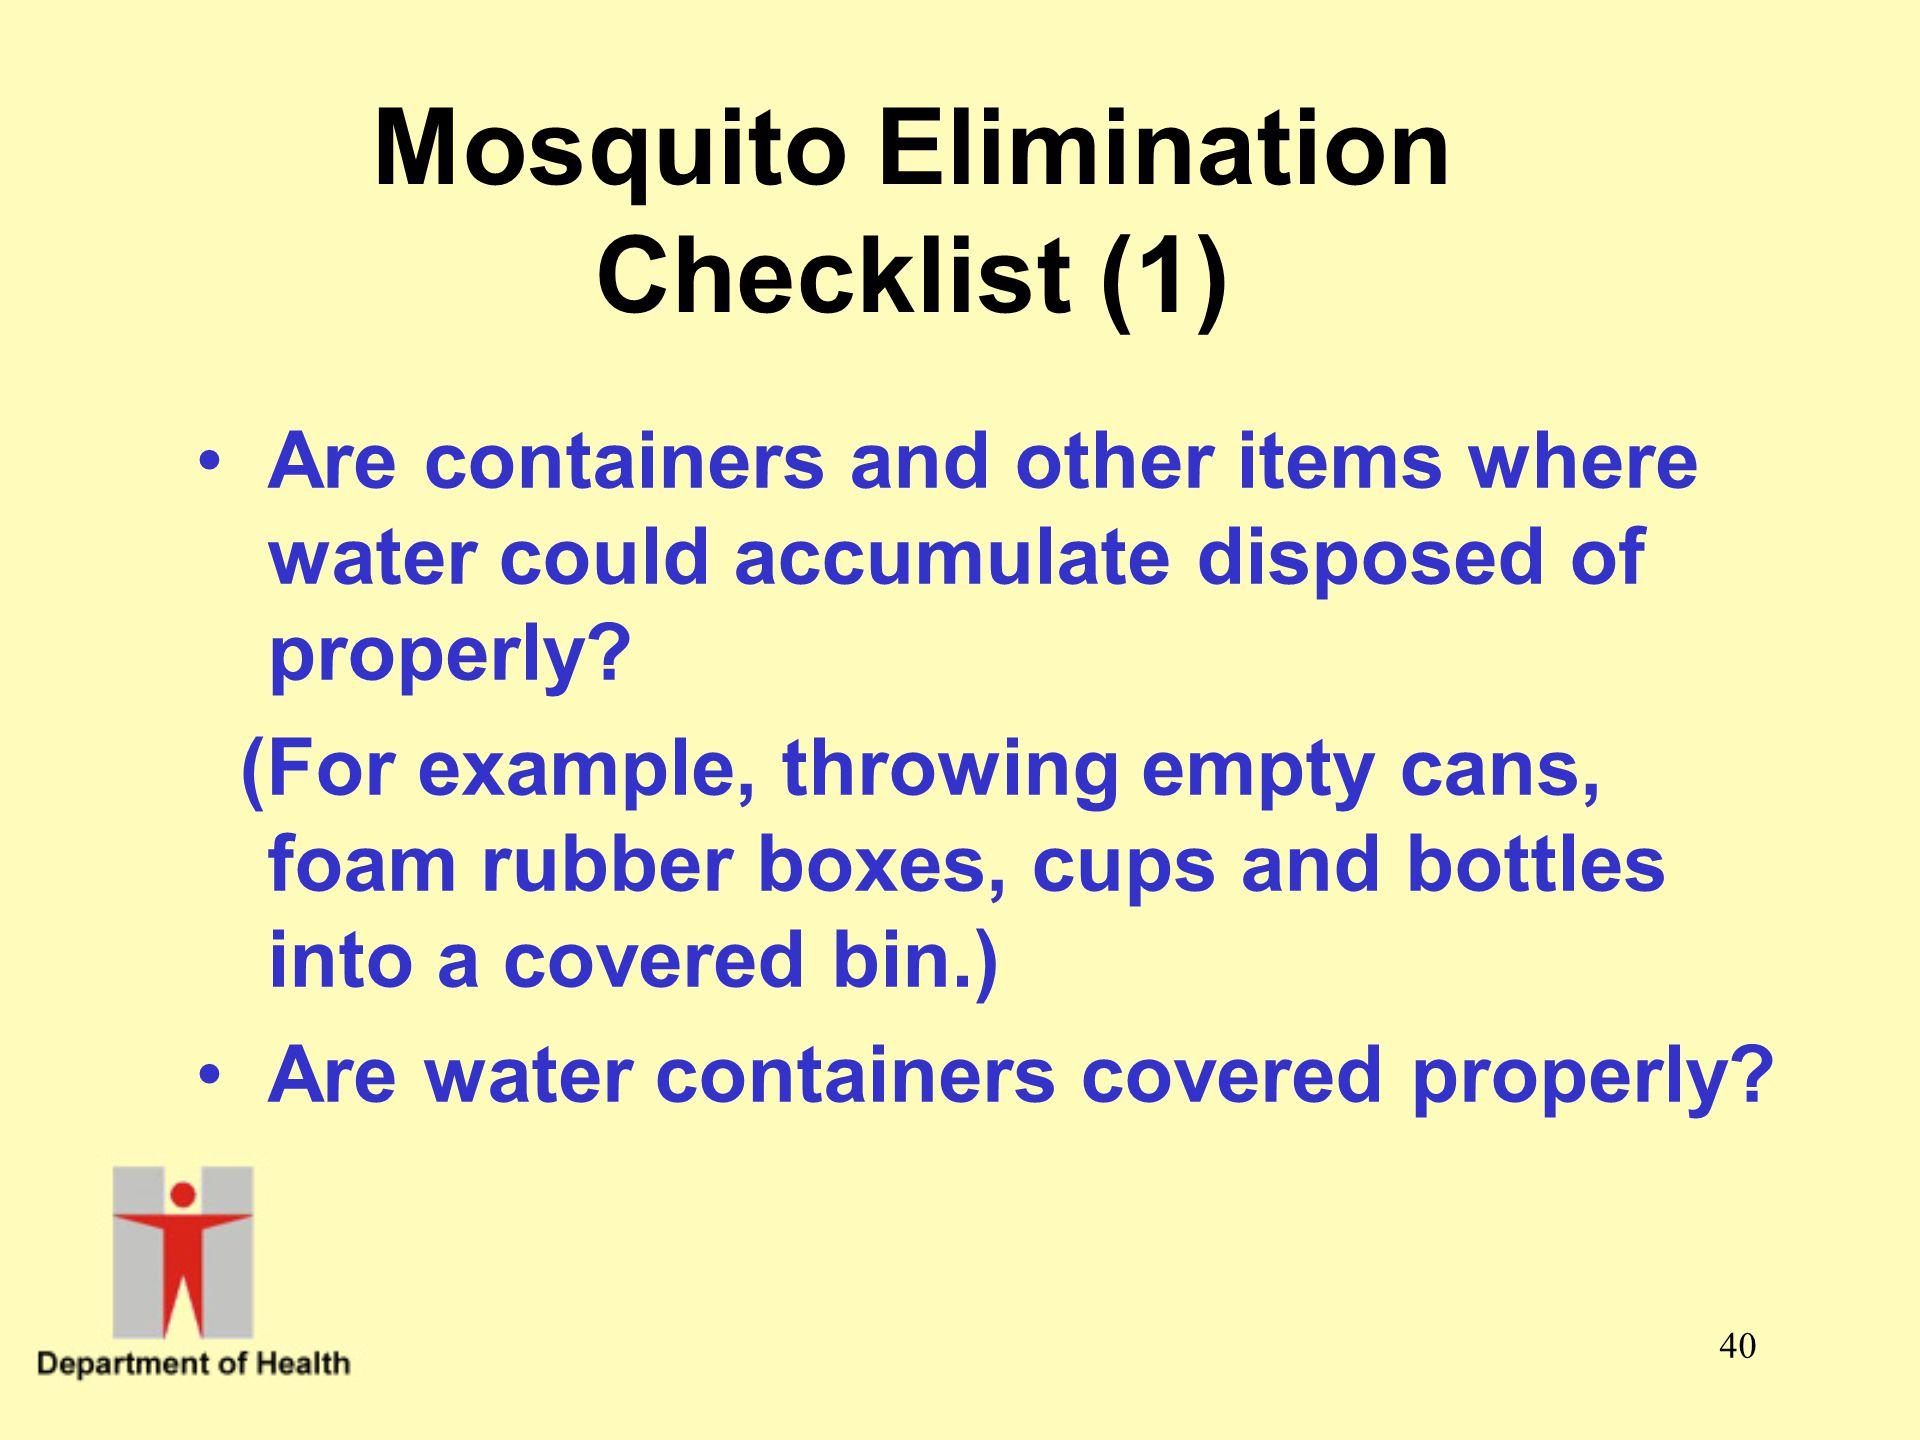 Mosquito Elimination Checklist (1)